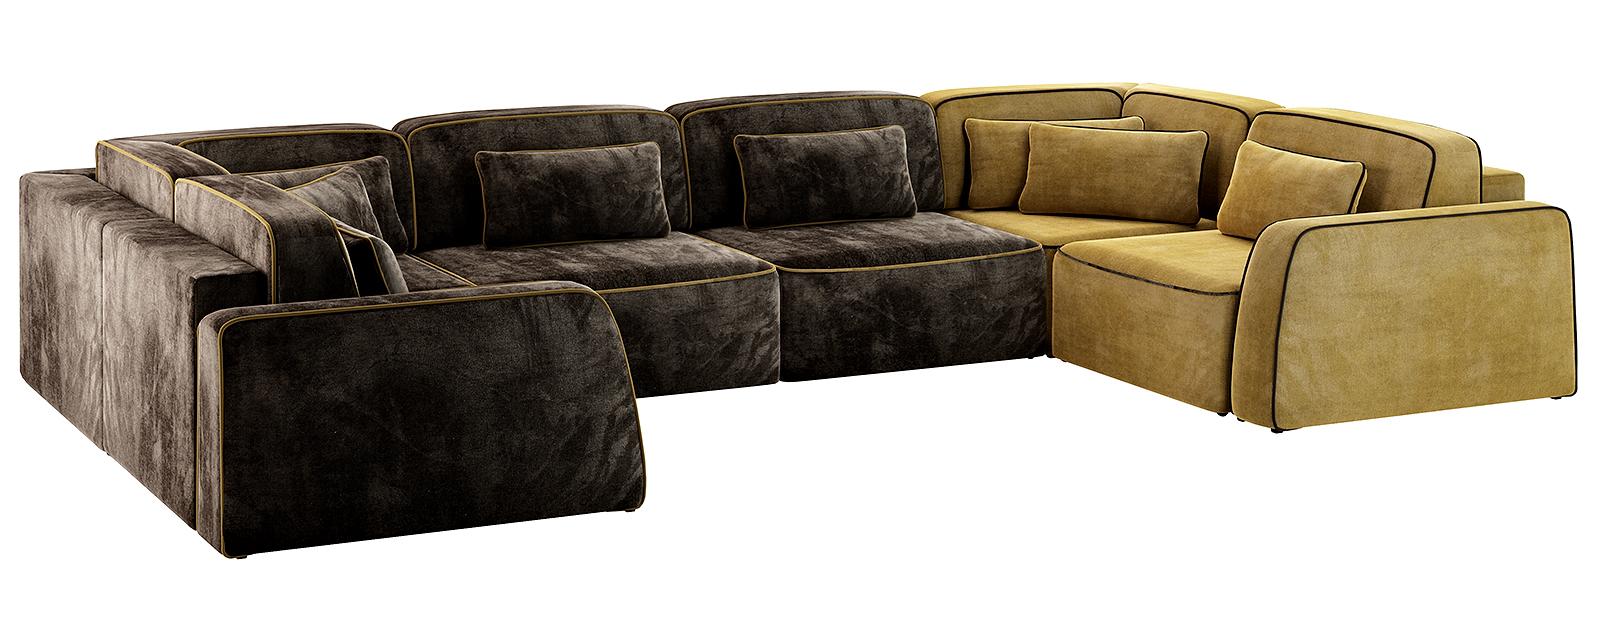 Модульный диван Портленд П-образный Вариант №1 Velure тёмно-коричневый/оливковый (Велюр)